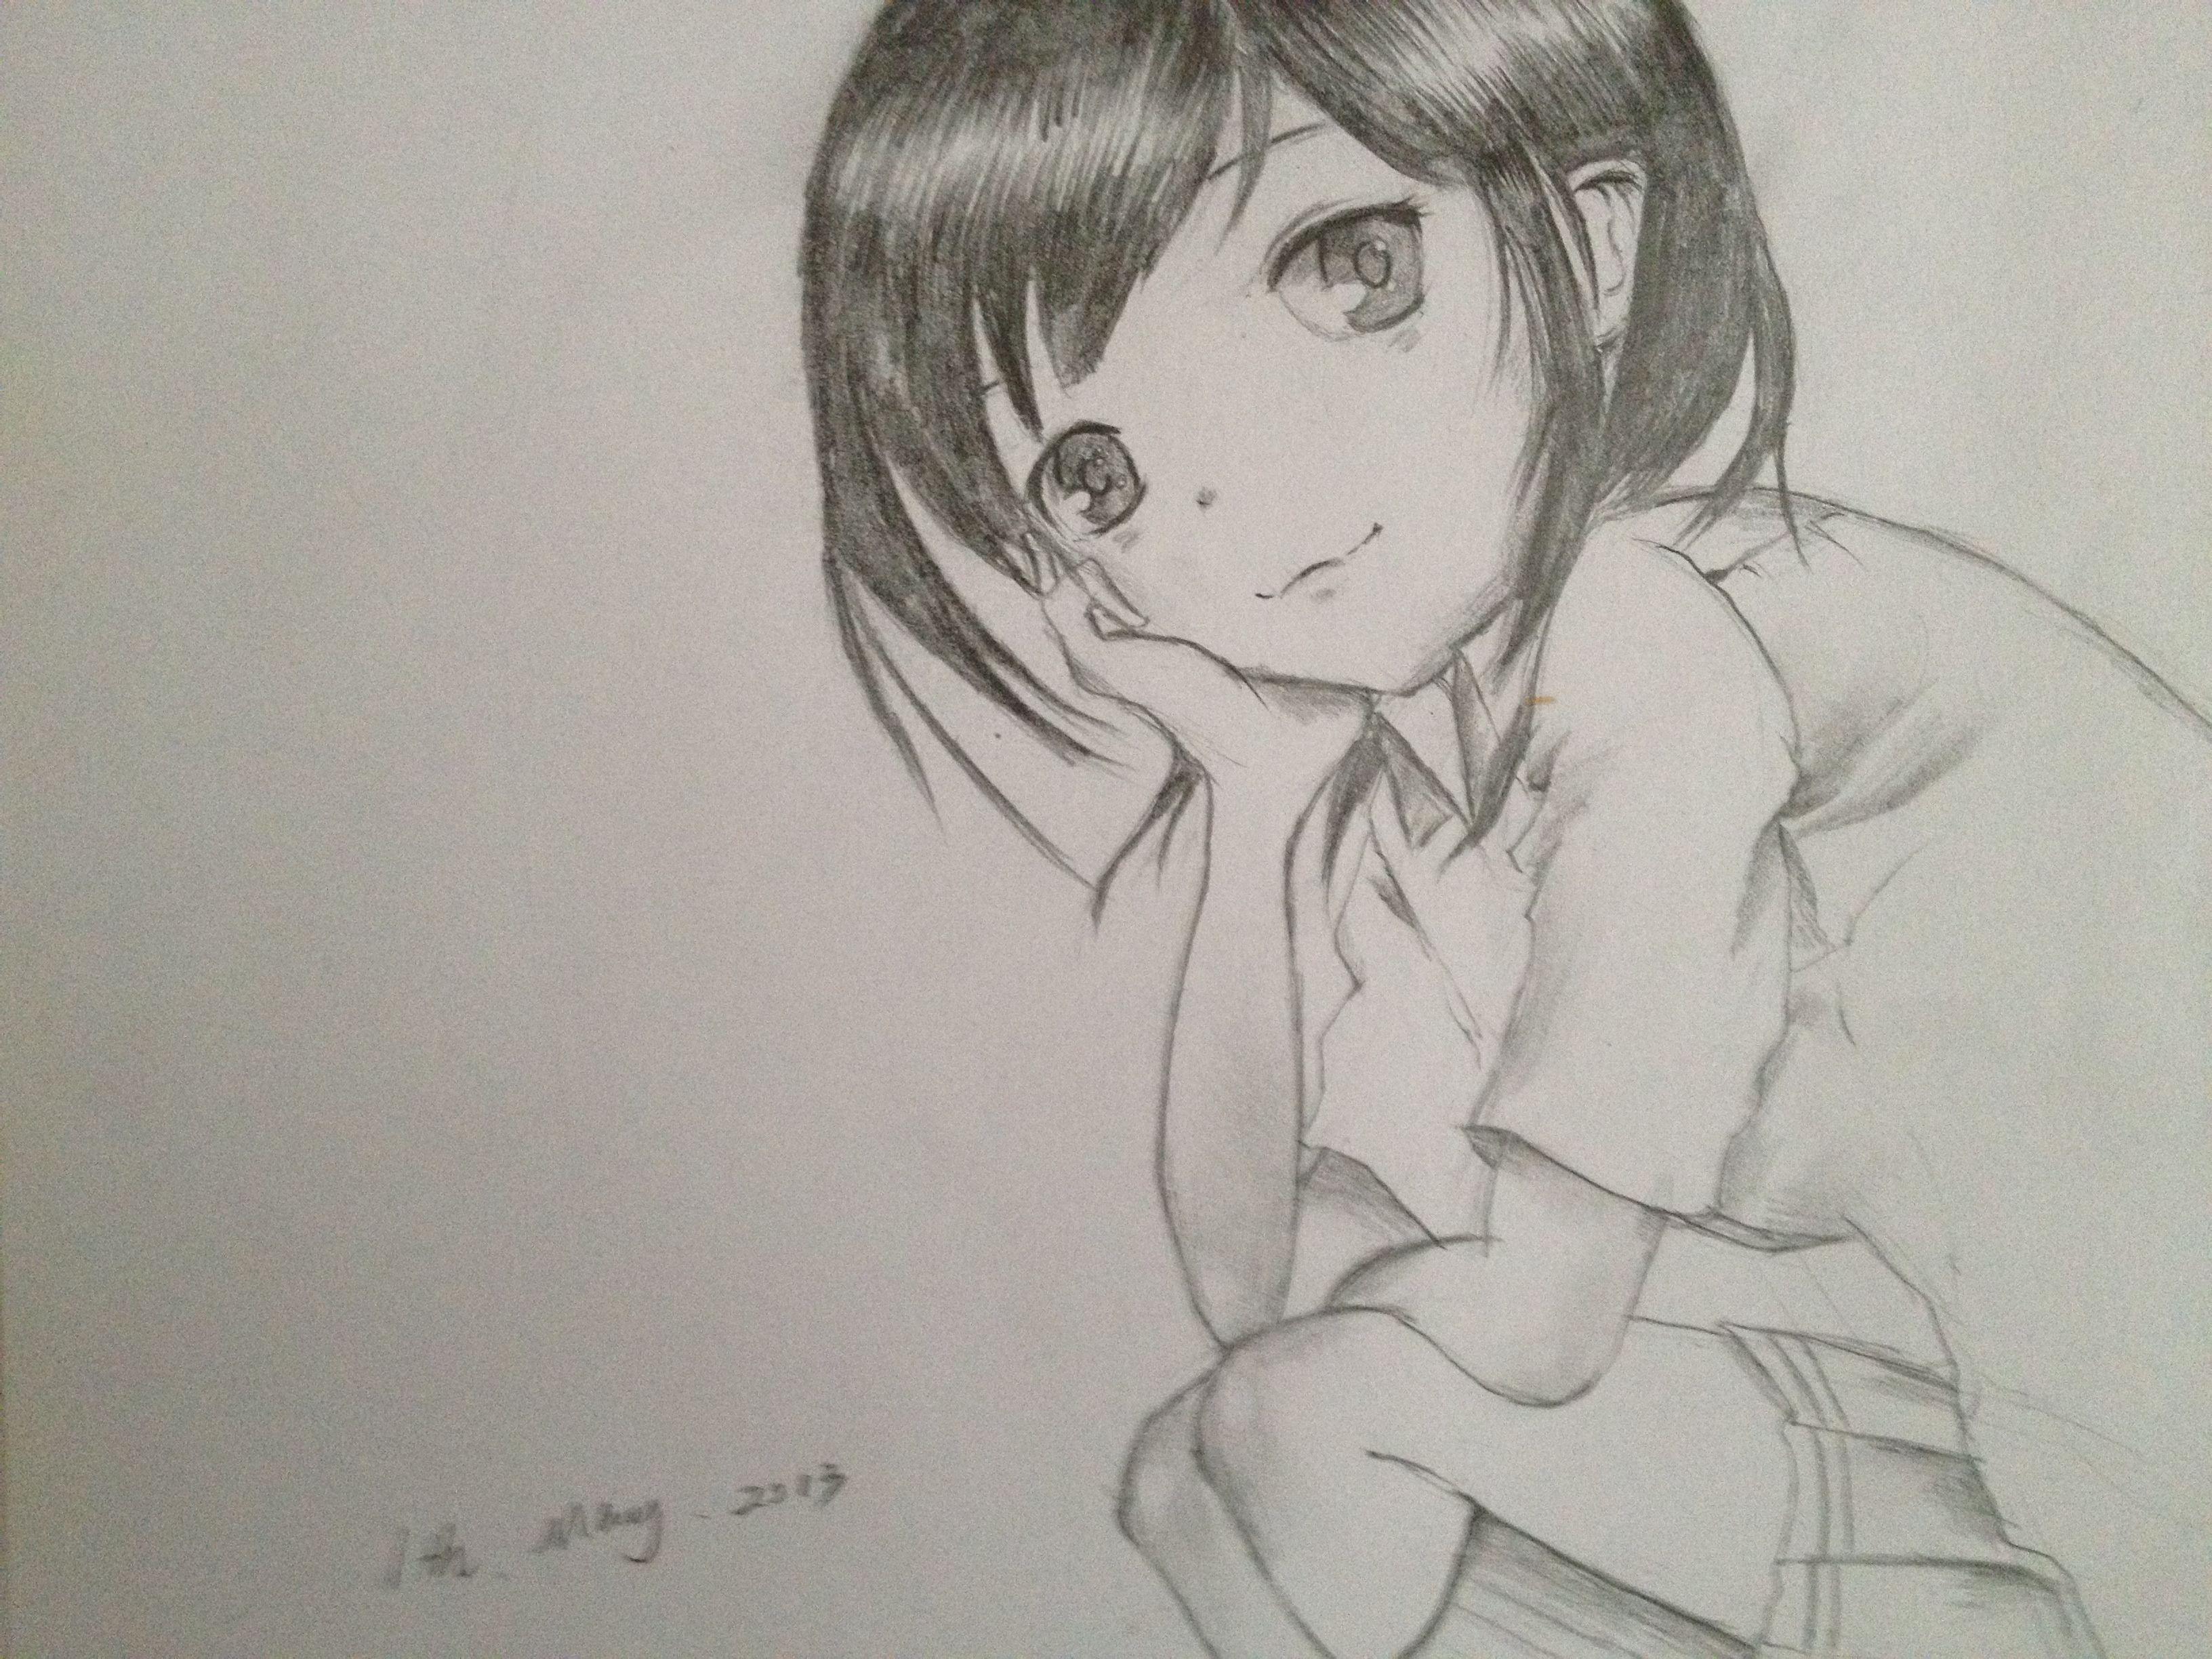 铅笔画怎么描线?画的是动漫.